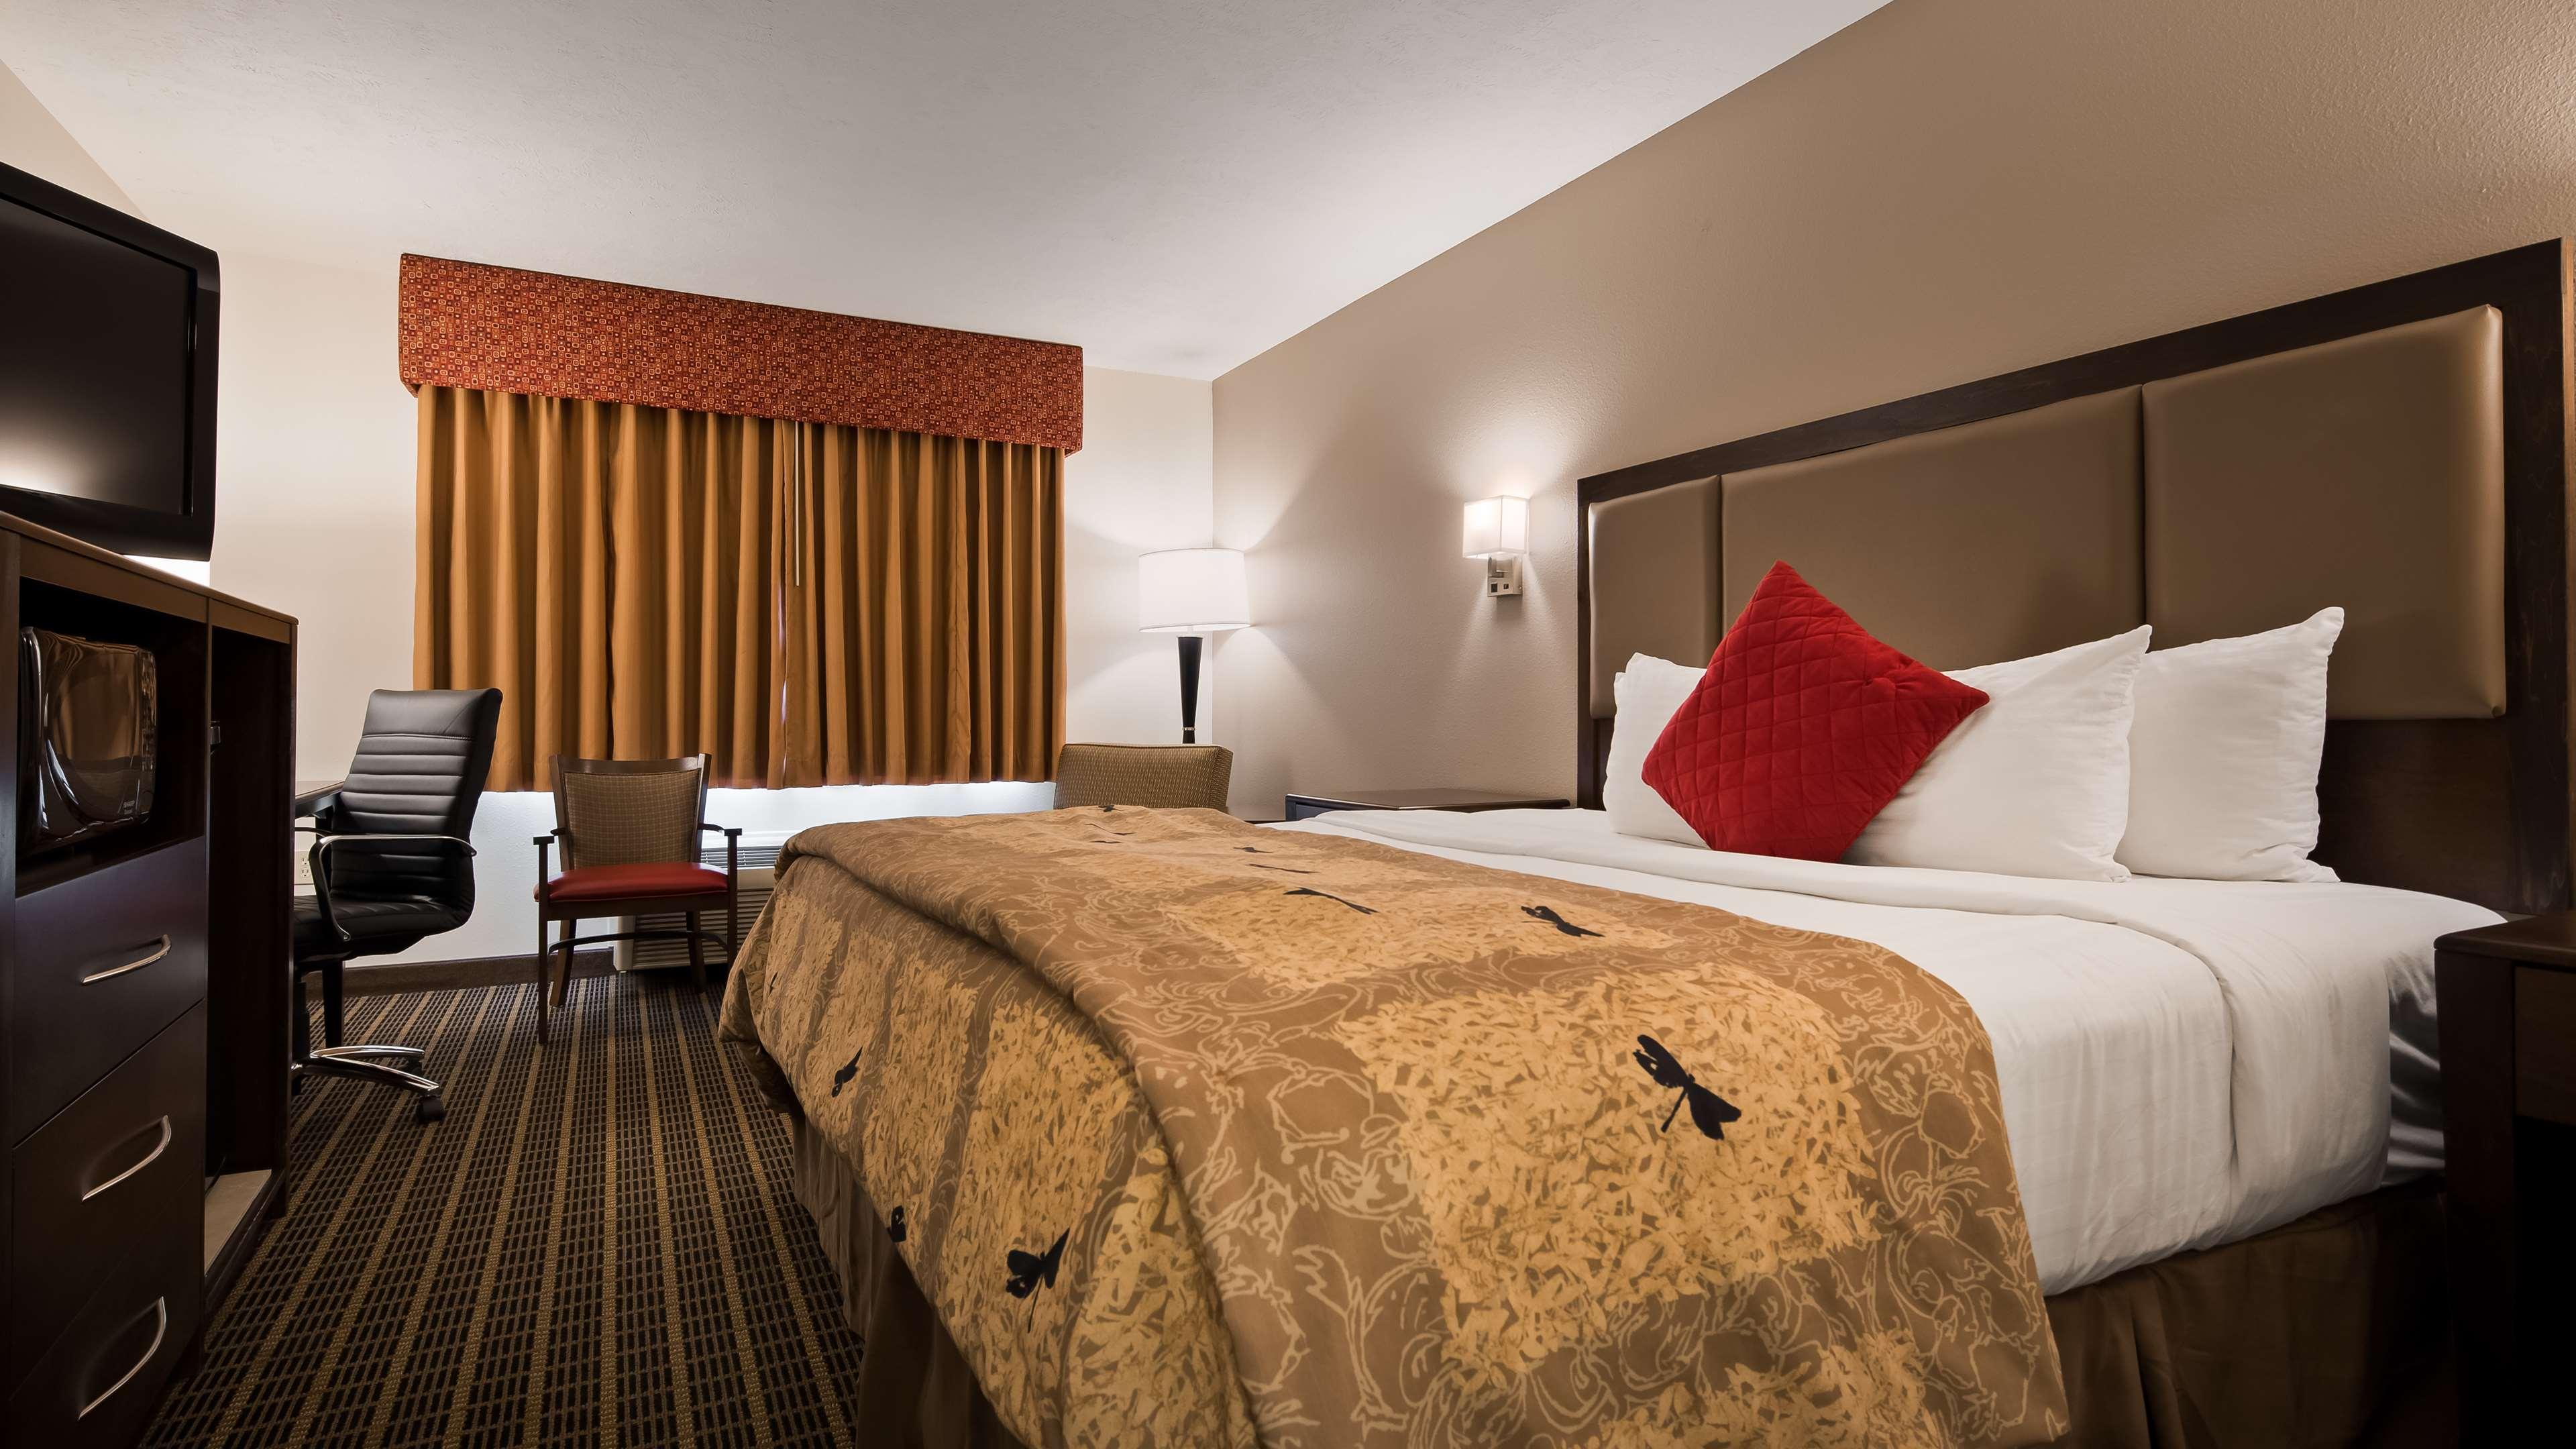 Best Western Plus Eagleridge Inn & Suites image 9